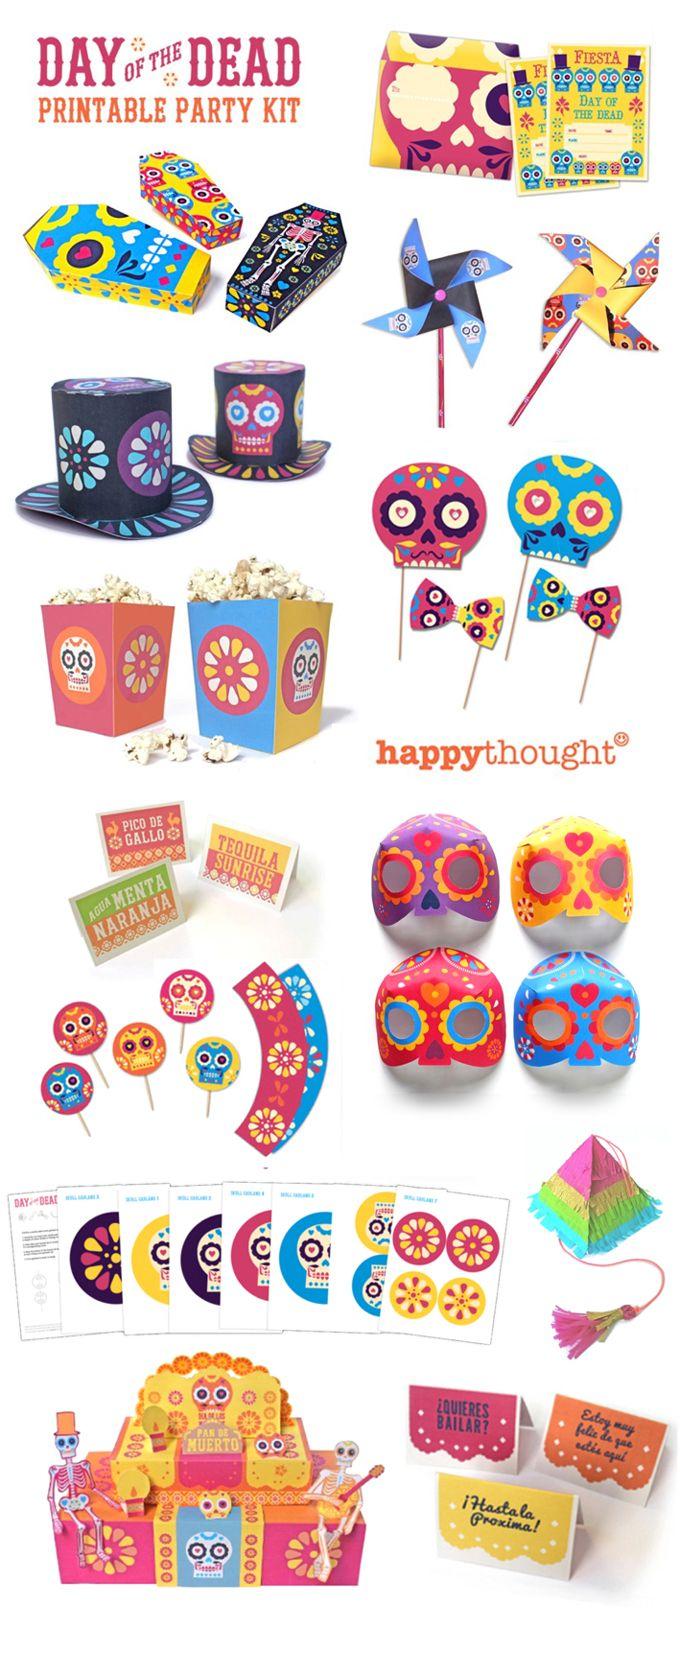 Les 25 meilleures id es de la cat gorie d corations mexicaines sur pinterest d corations de - Decoration mexicaine a imprimer ...